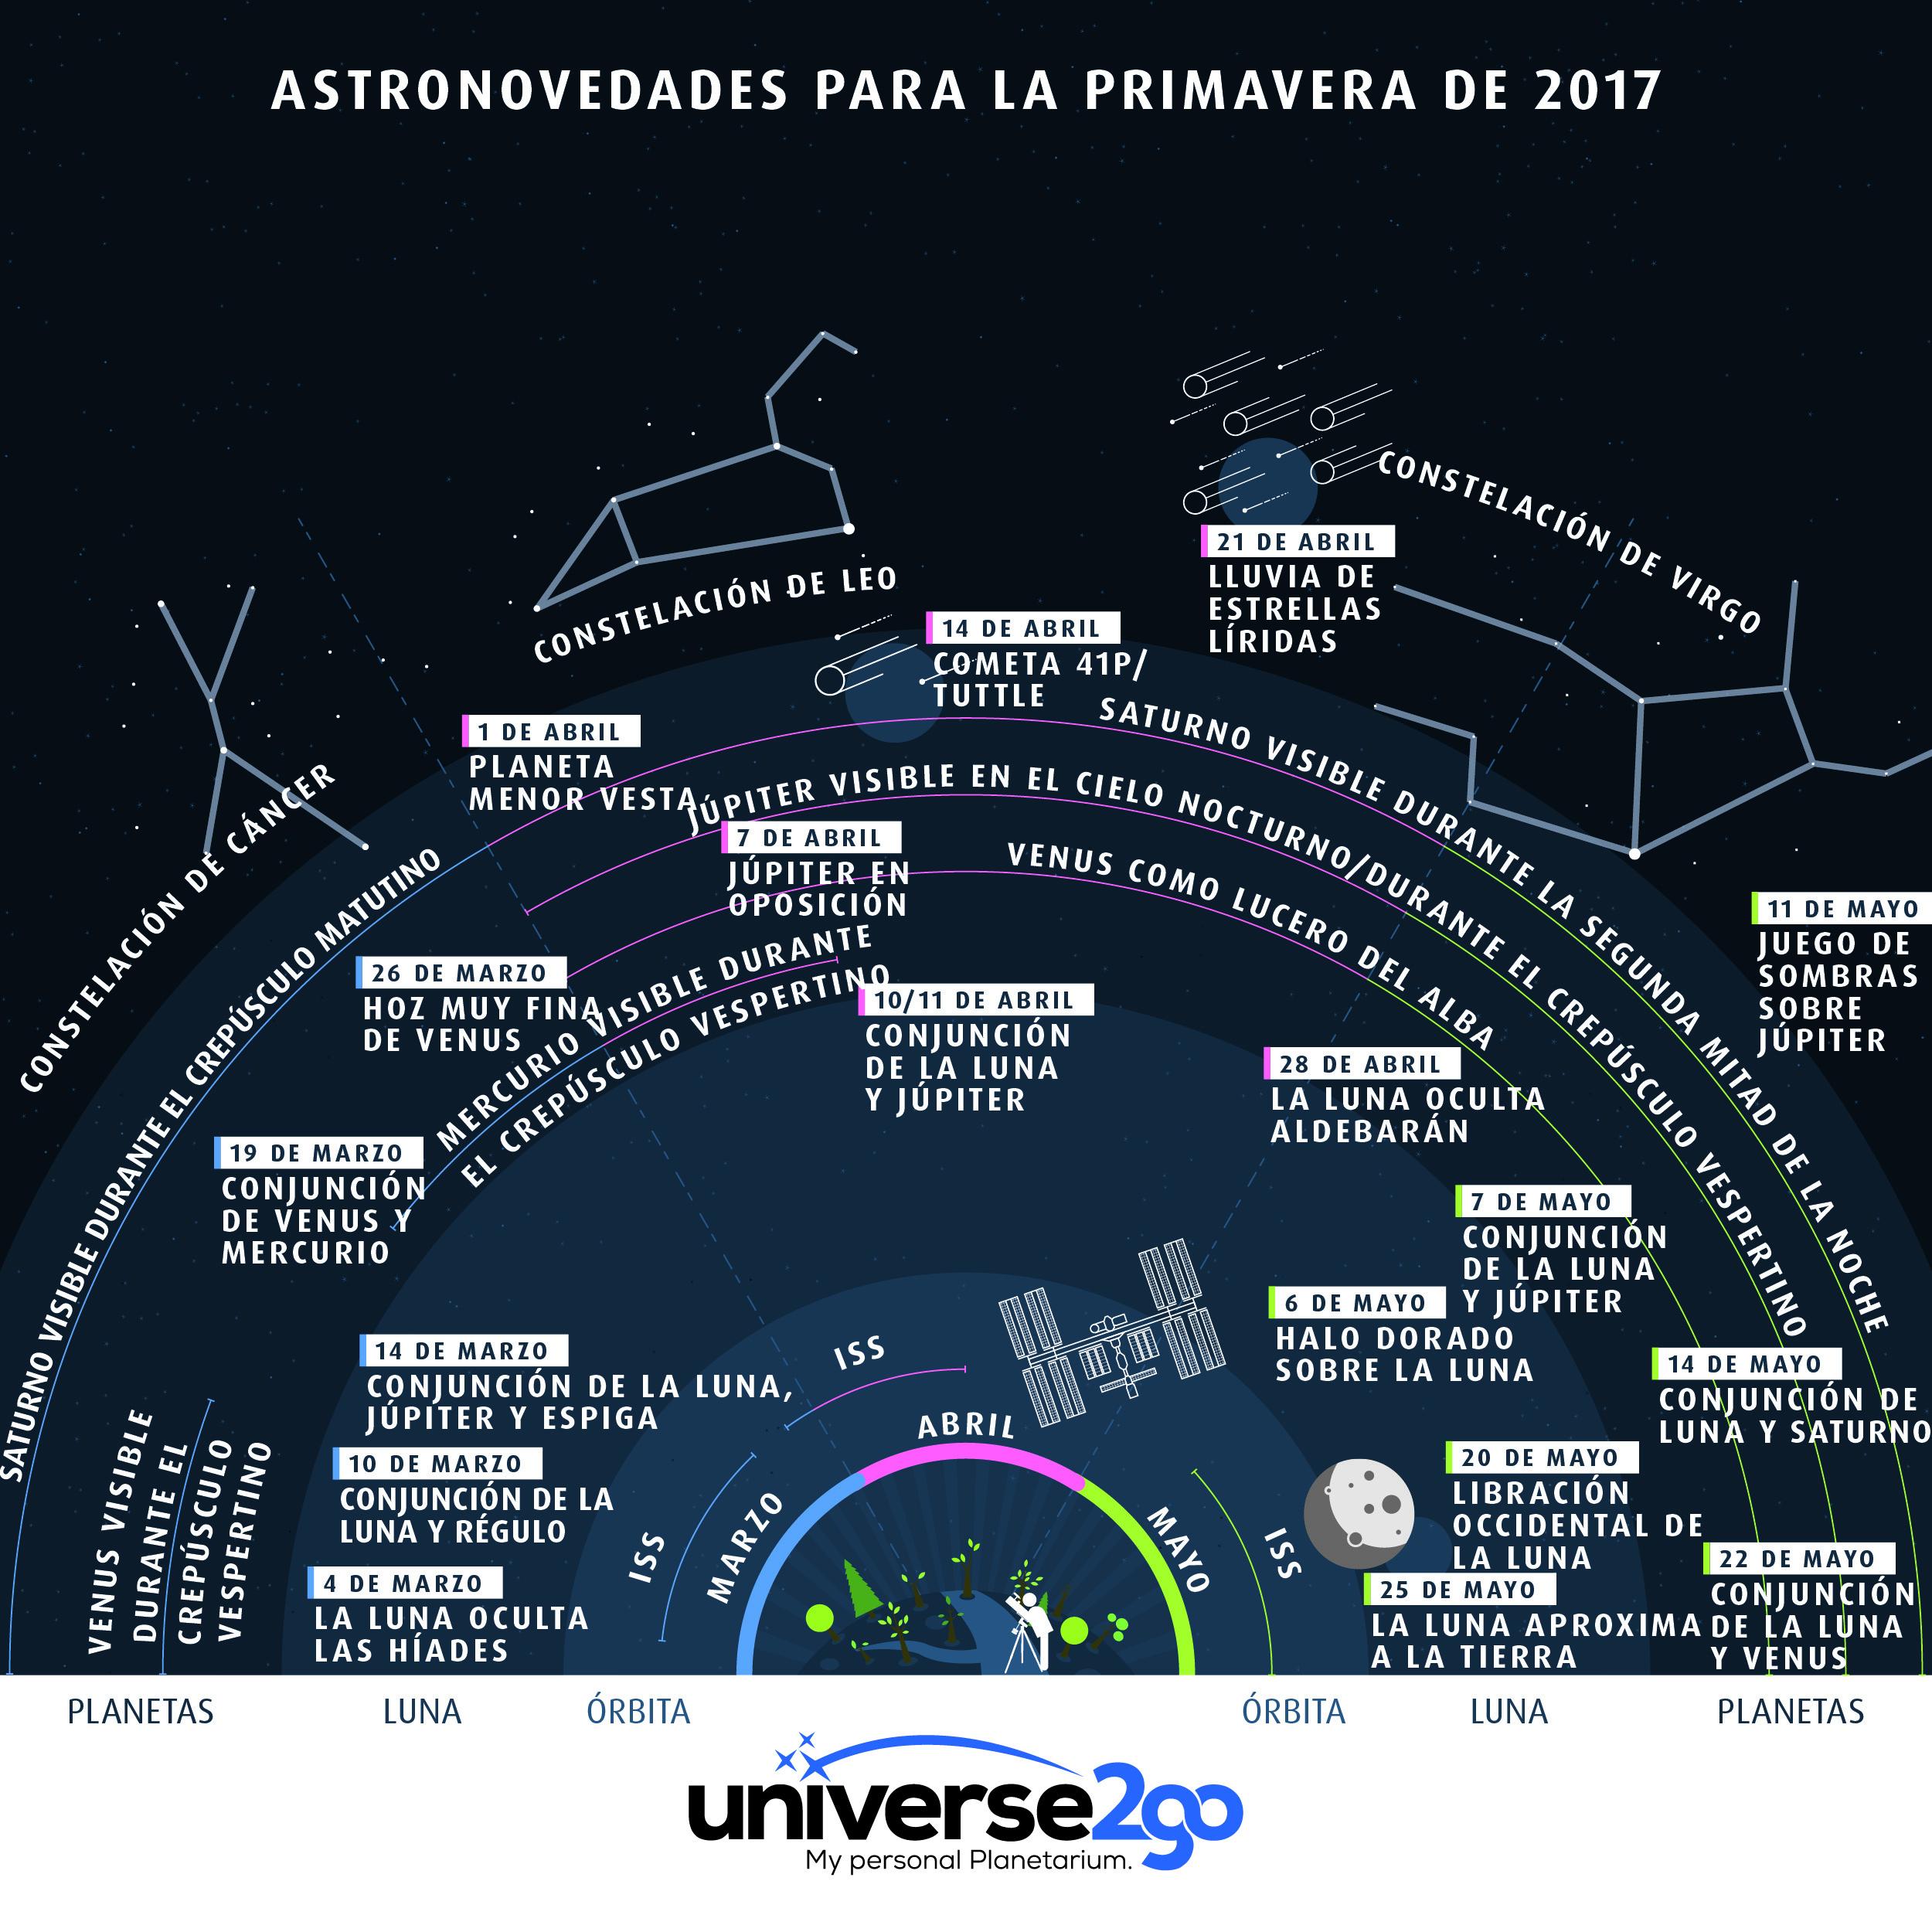 Astronovedades-para-la-primavera-del-2017